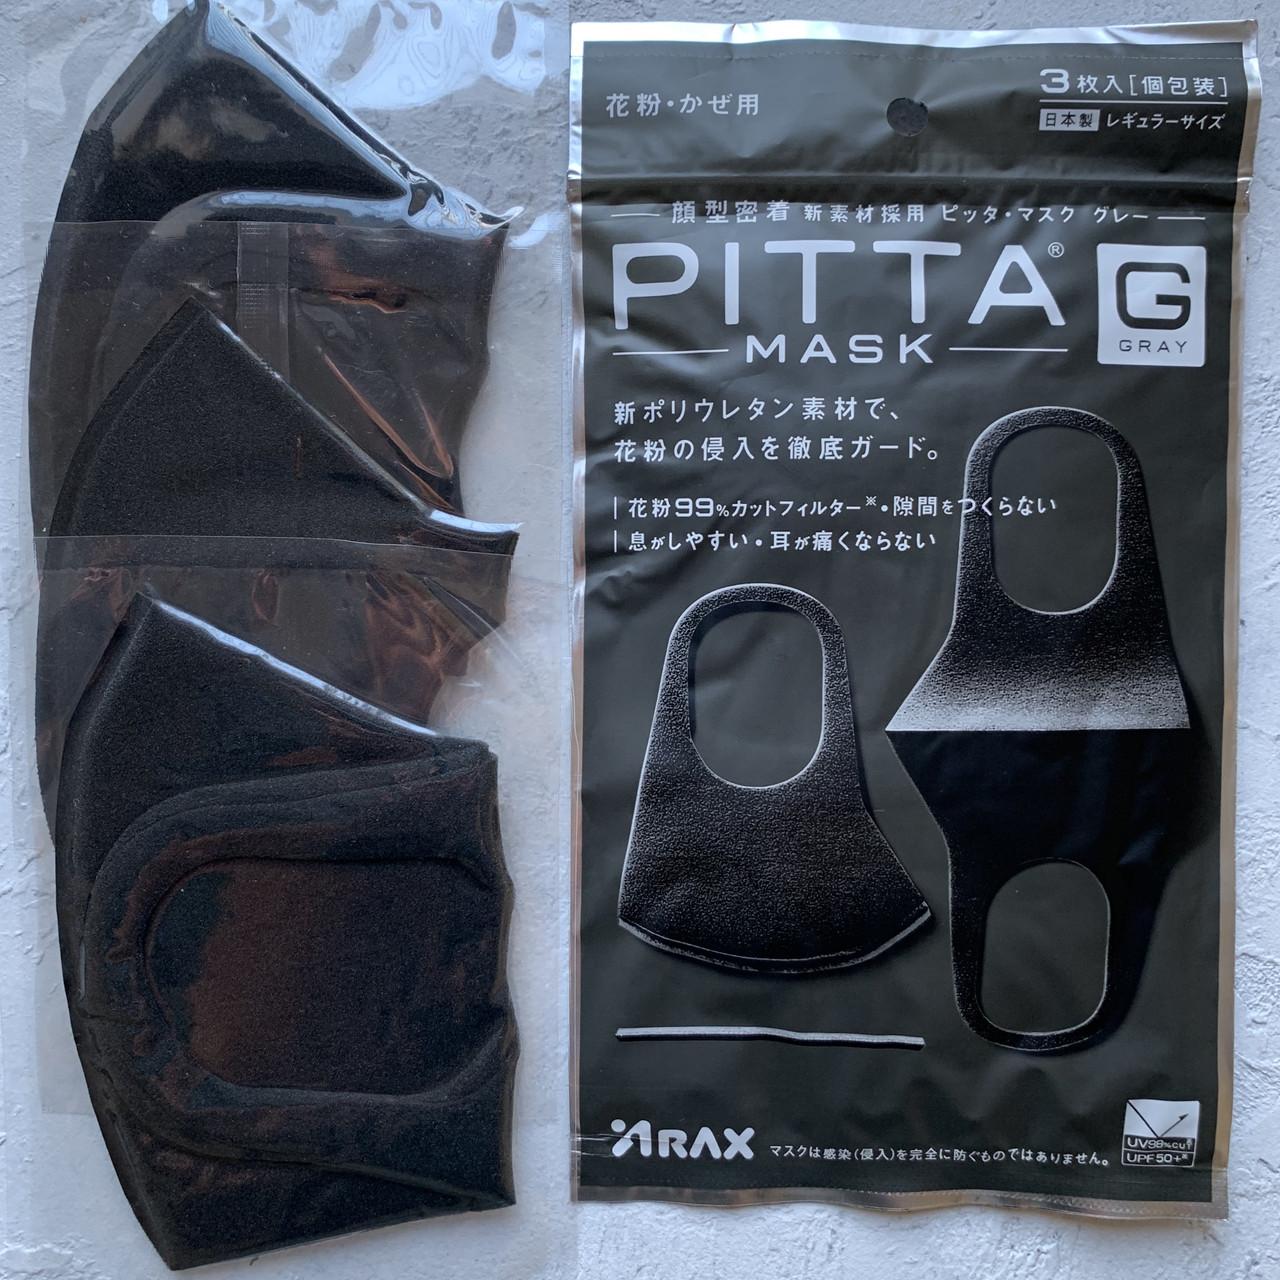 Многоразовая угольная маска. Маска-питта Pitta Mask Оригинал. Япония